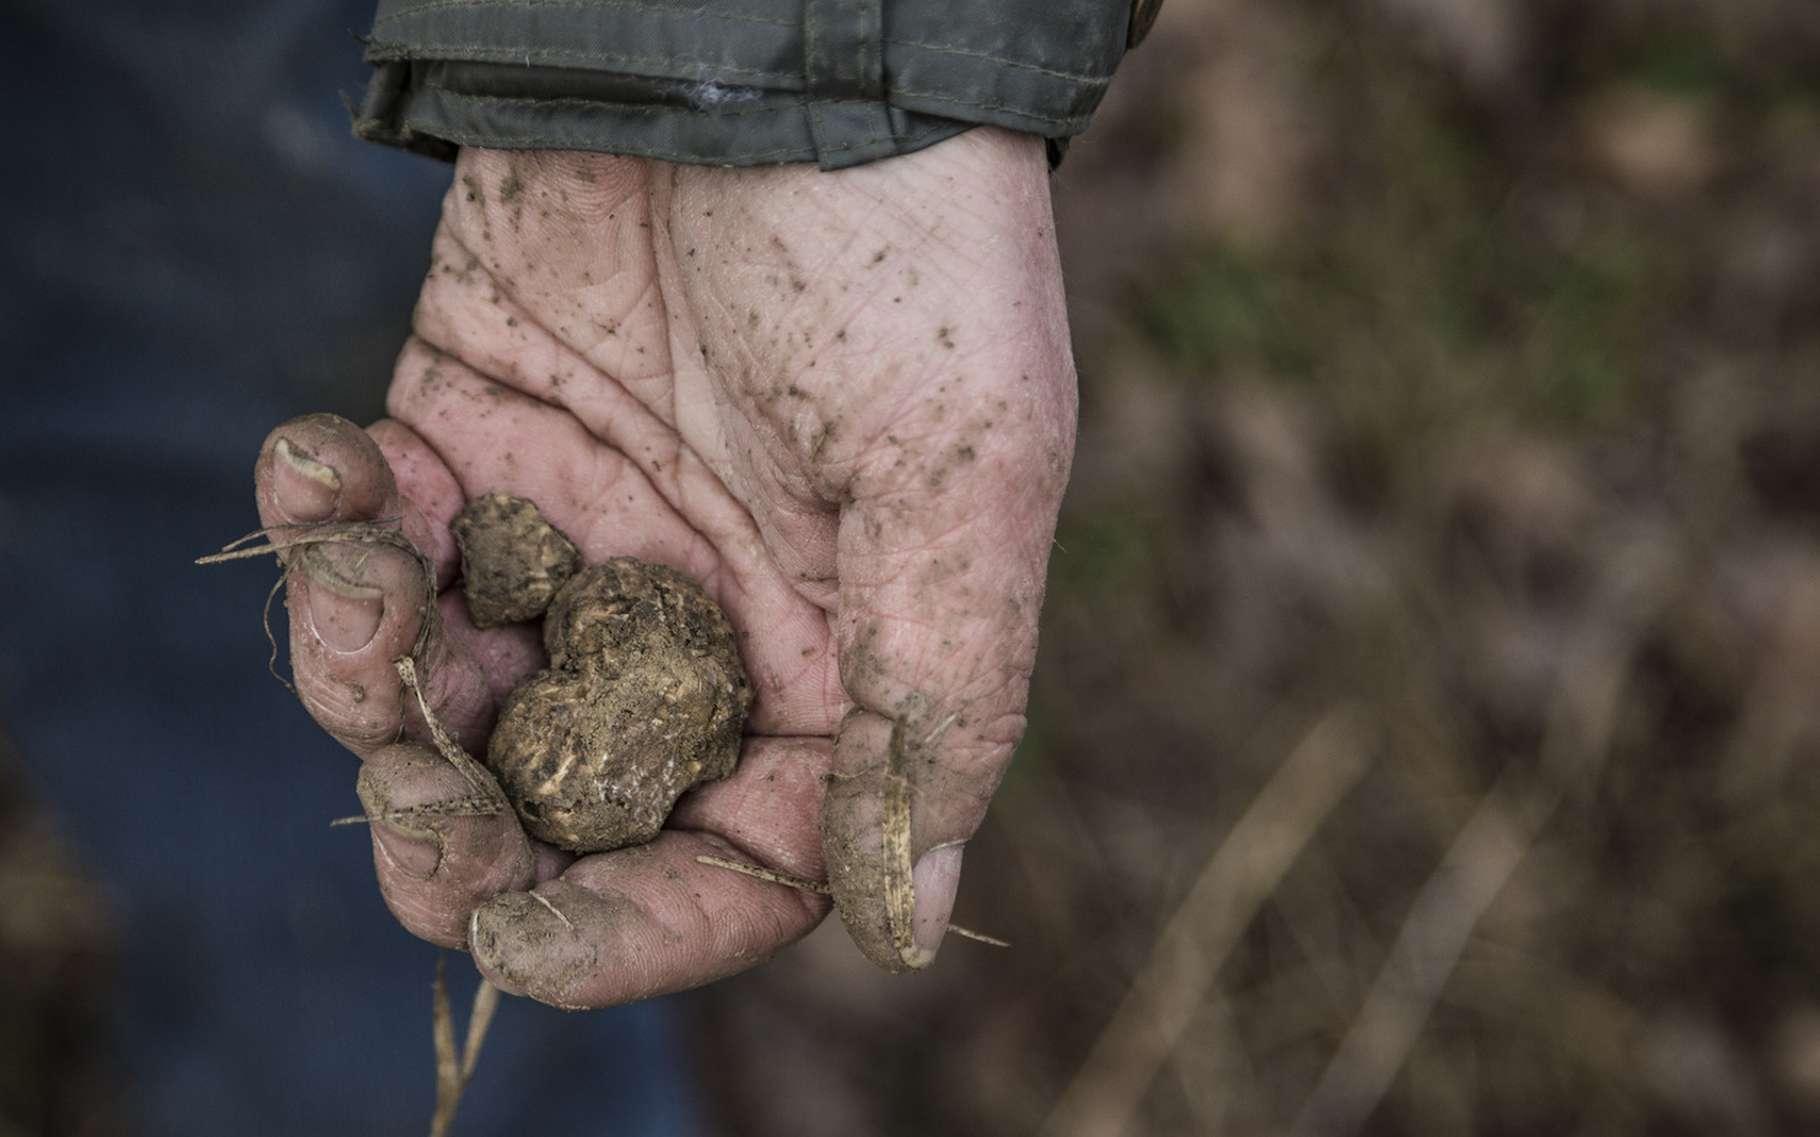 Les endroits dans lesquels poussent potentiellement des truffes sont connus. Mieux vaut malgré tout se faire aider pour réussir à en trouver. © Andrea, Fotolia